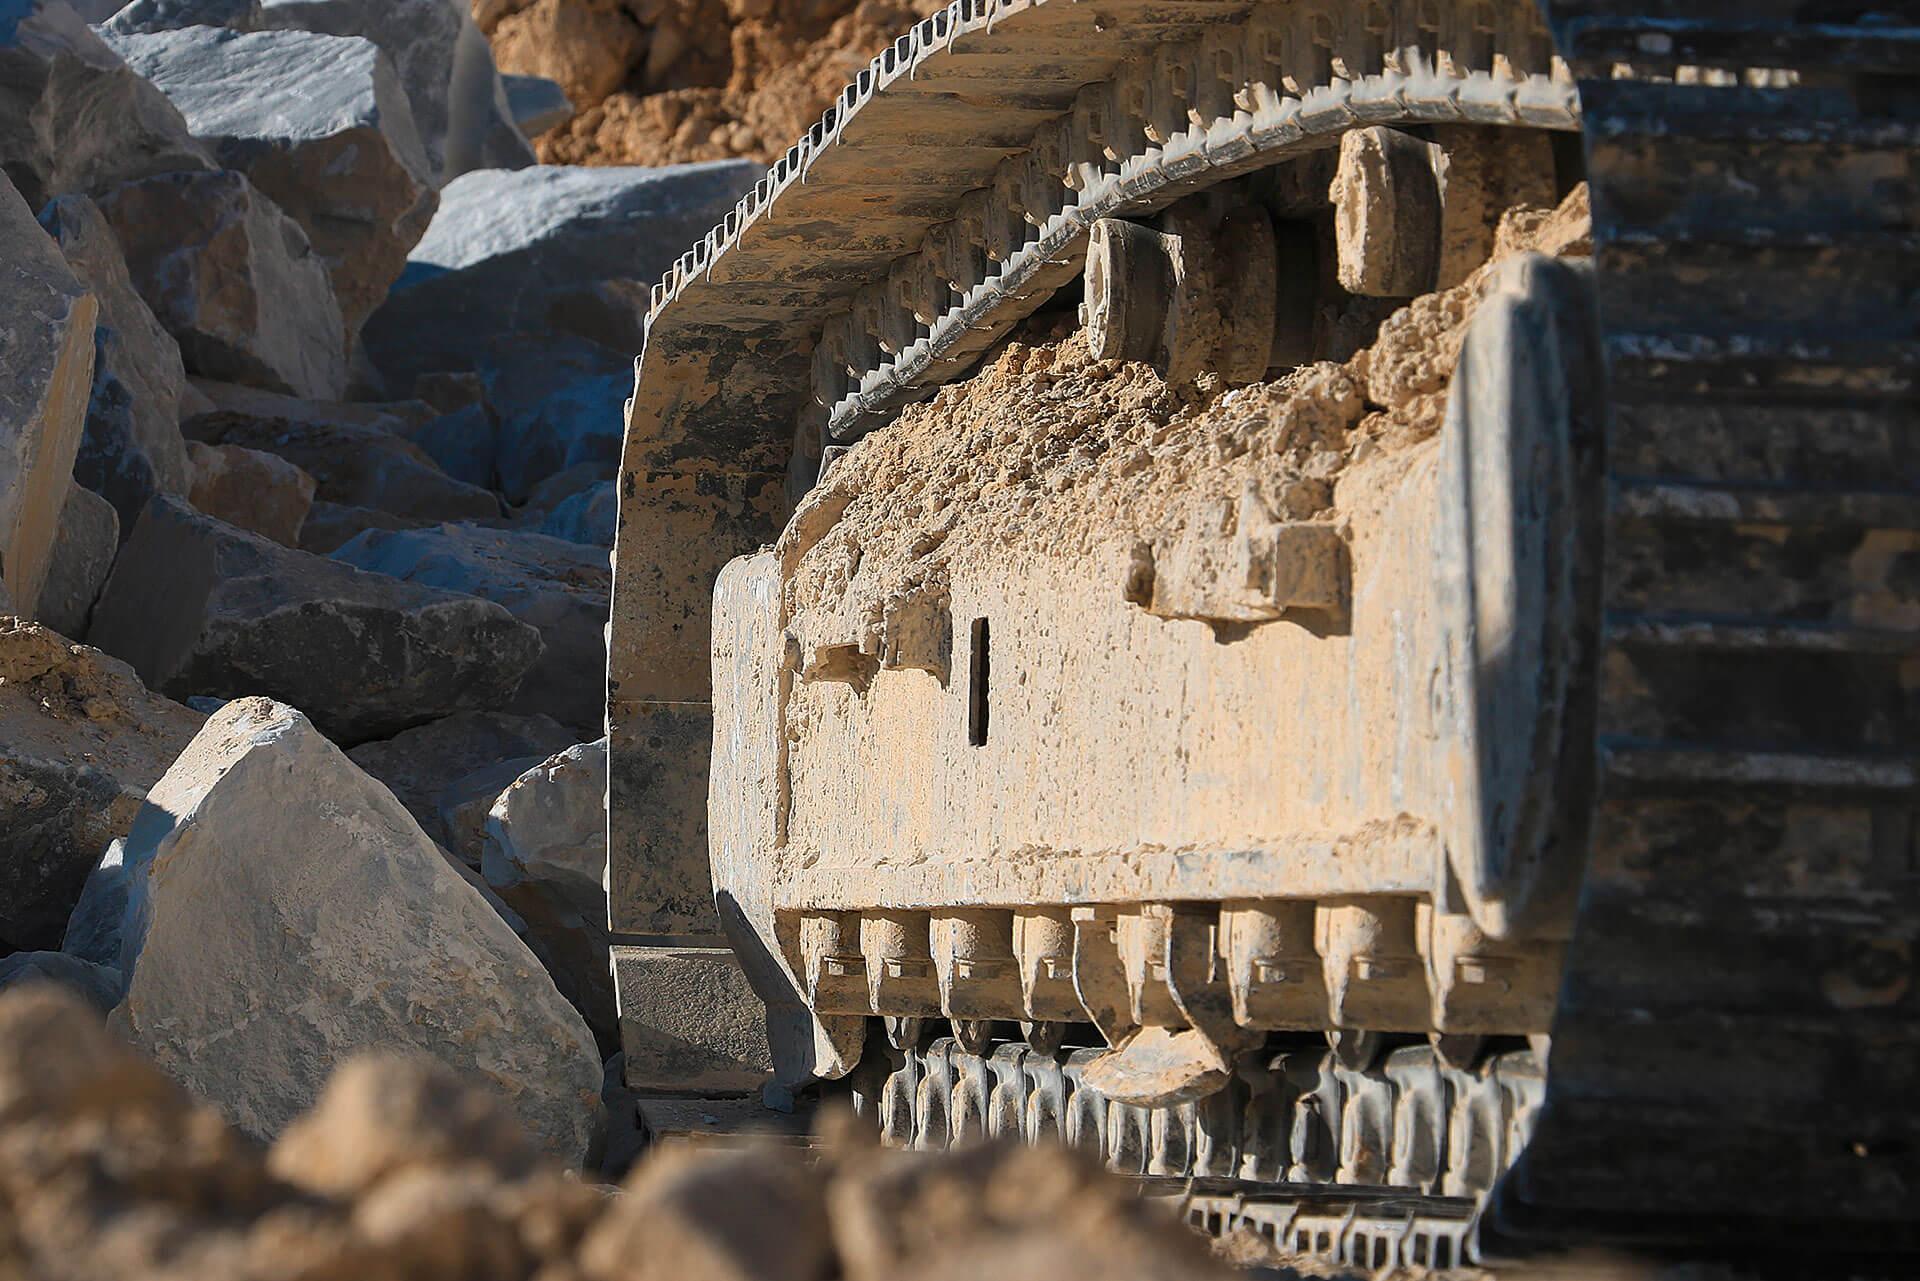 Fahrwerkskomponenten von Berco